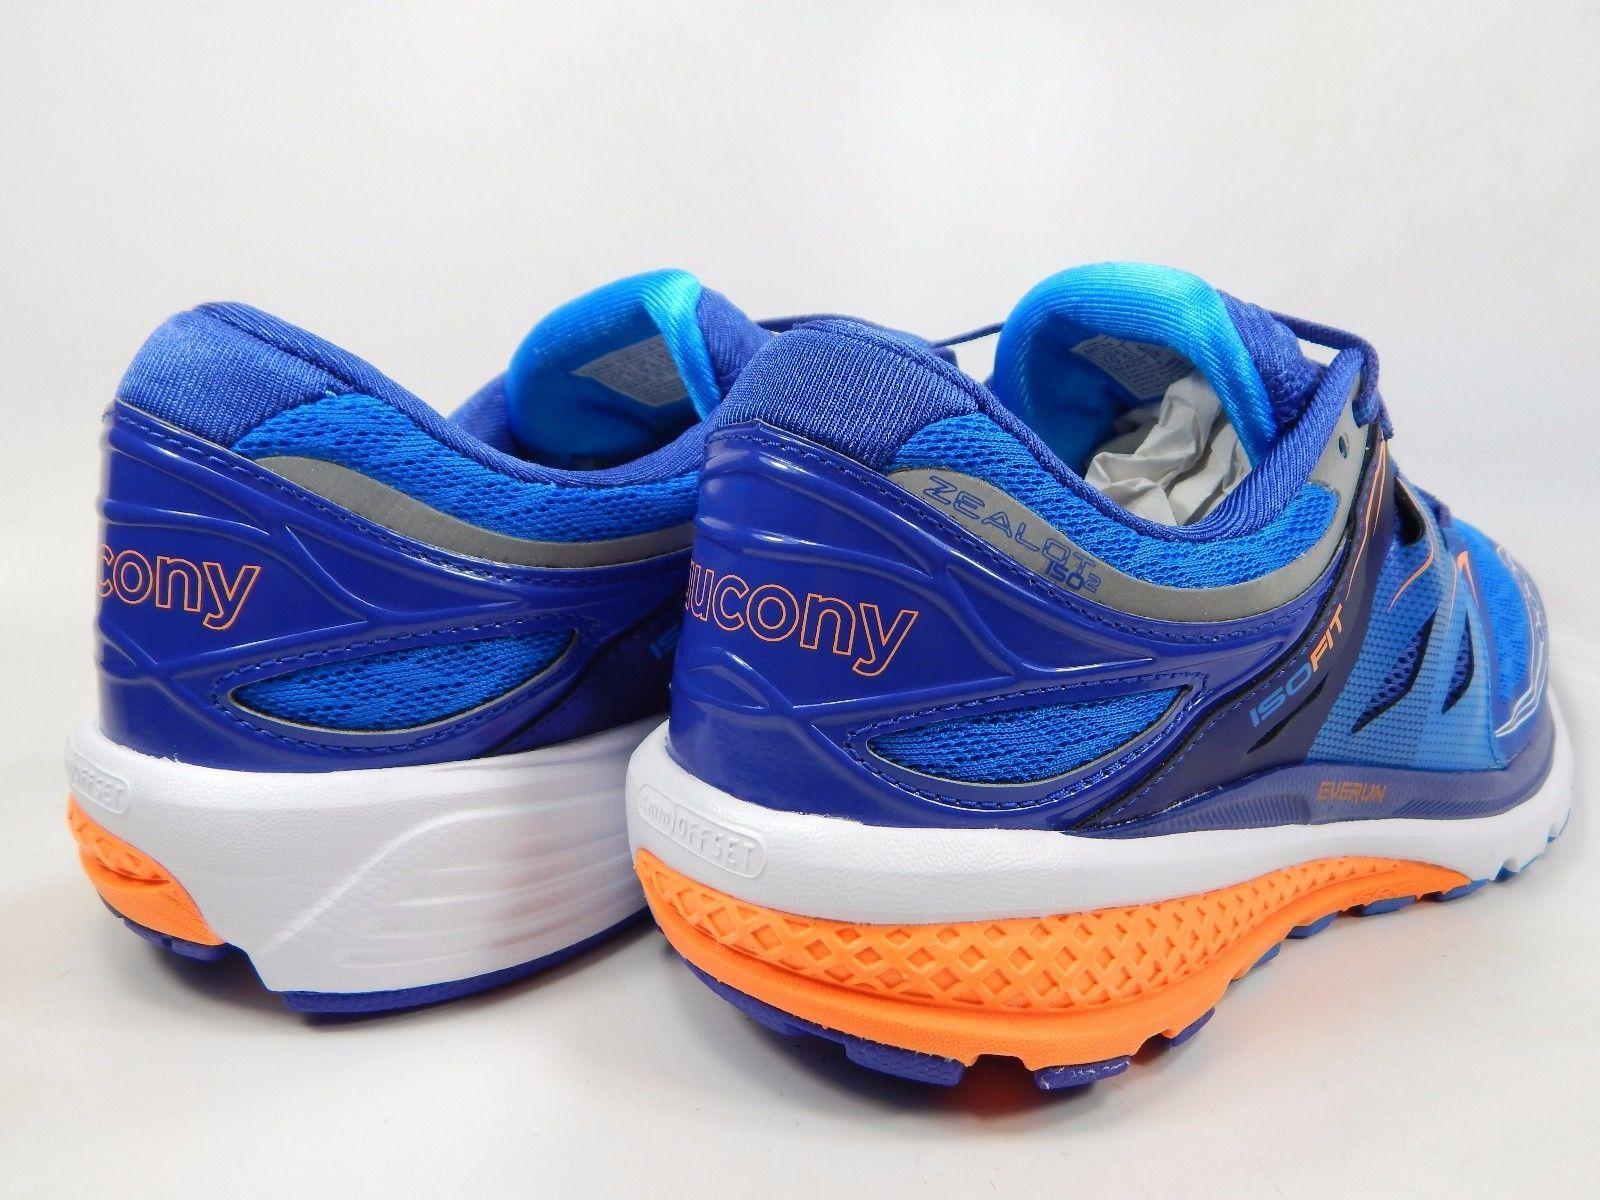 Saucony Zealot ISO 2 Men's Running Shoes Size US 10.5 M (D) EU 44.5 S20314-4